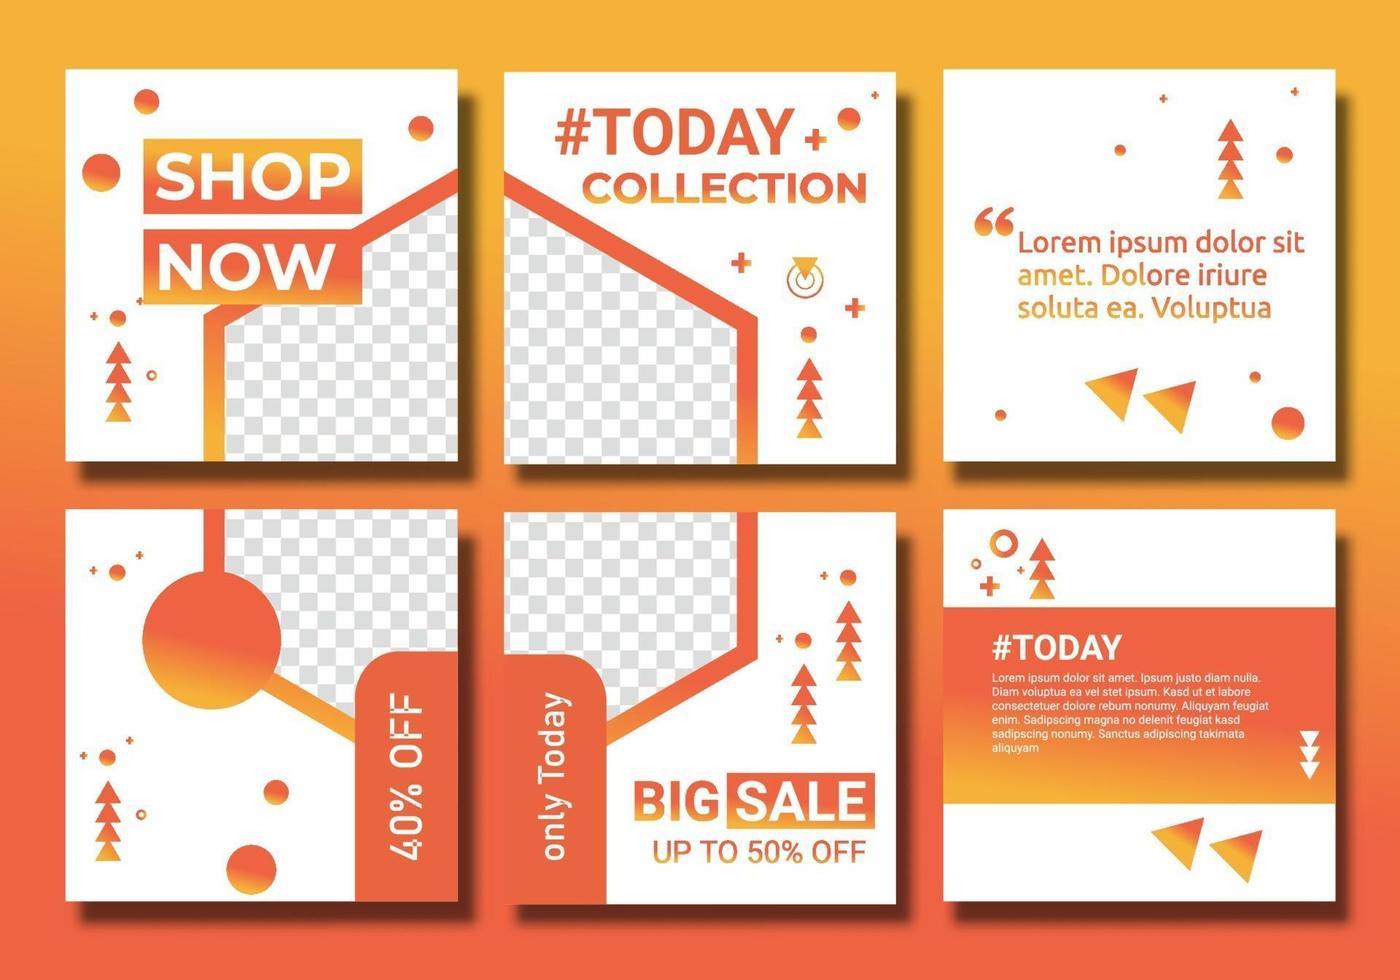 feed e post set vettoriale creativo. banner pubblicitari per il design promozionale con gradiente di colore giallo, arancione. modello di sfondo con copia spazio per la progettazione di immagini per post sui social media